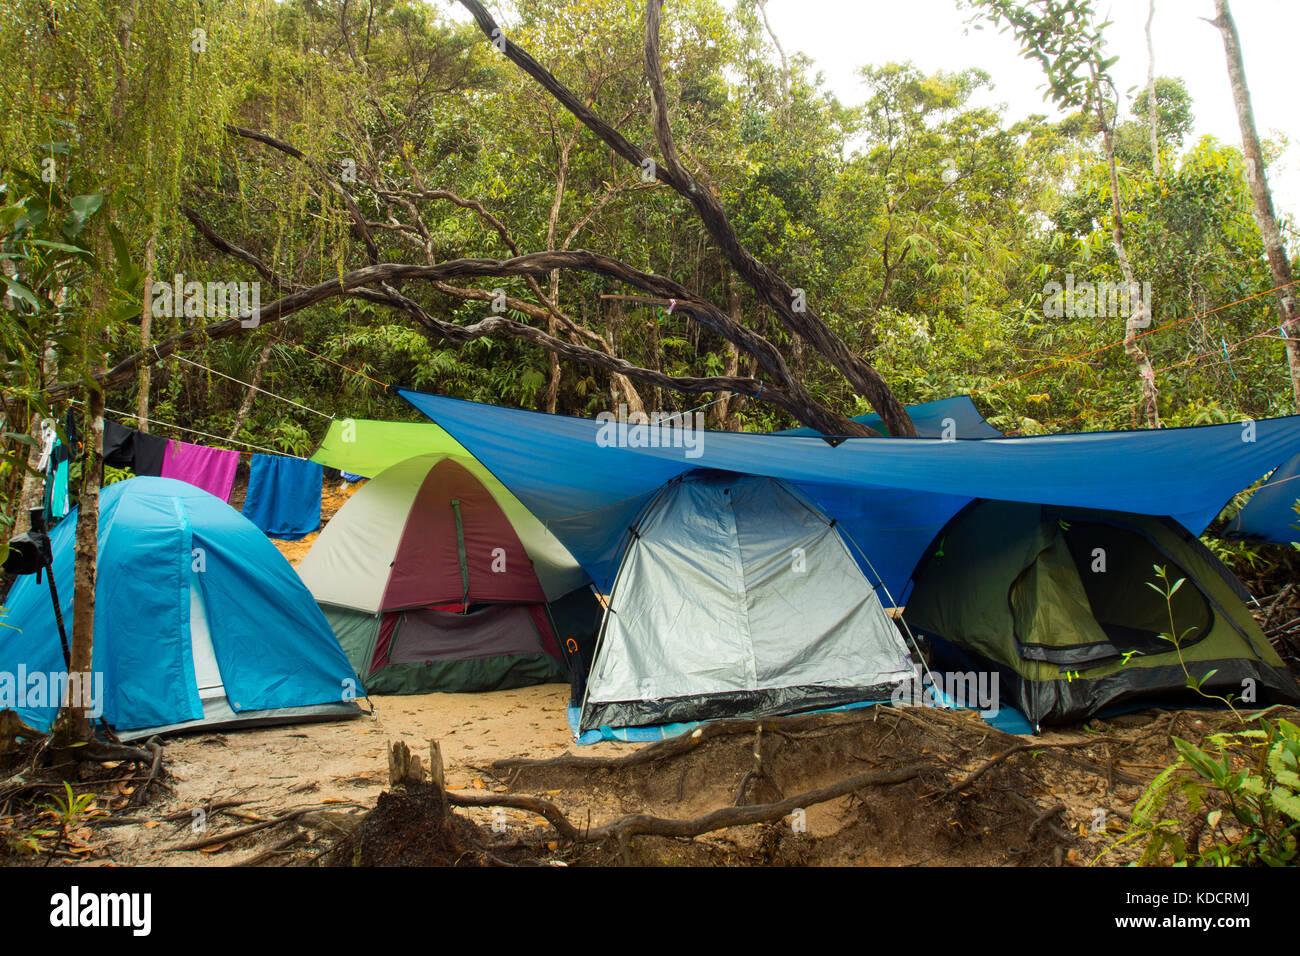 camping in the rainforest, chemerong berembun langsir, CBL, malaysia - Stock Image